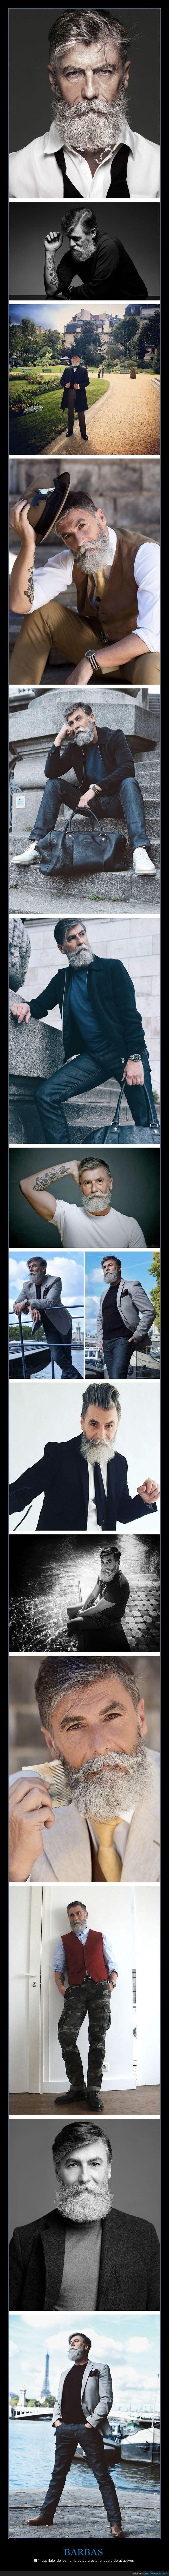 Hombre de 60 años se convierte en modelo profesional tras dejarse barba - El 'maquillaje' de los hombres para estar el doble de atractivos   Gracias a http://www.cuantarazon.com/   Si quieres leer la noticia completa visita: http://www.estoy-aburrido.com/hombre-de-60-anos-se-convierte-en-modelo-profesional-tras-dejarse-barba-el-maquillaje-de-los-hombres-para-estar-el-doble-de-atractivos/